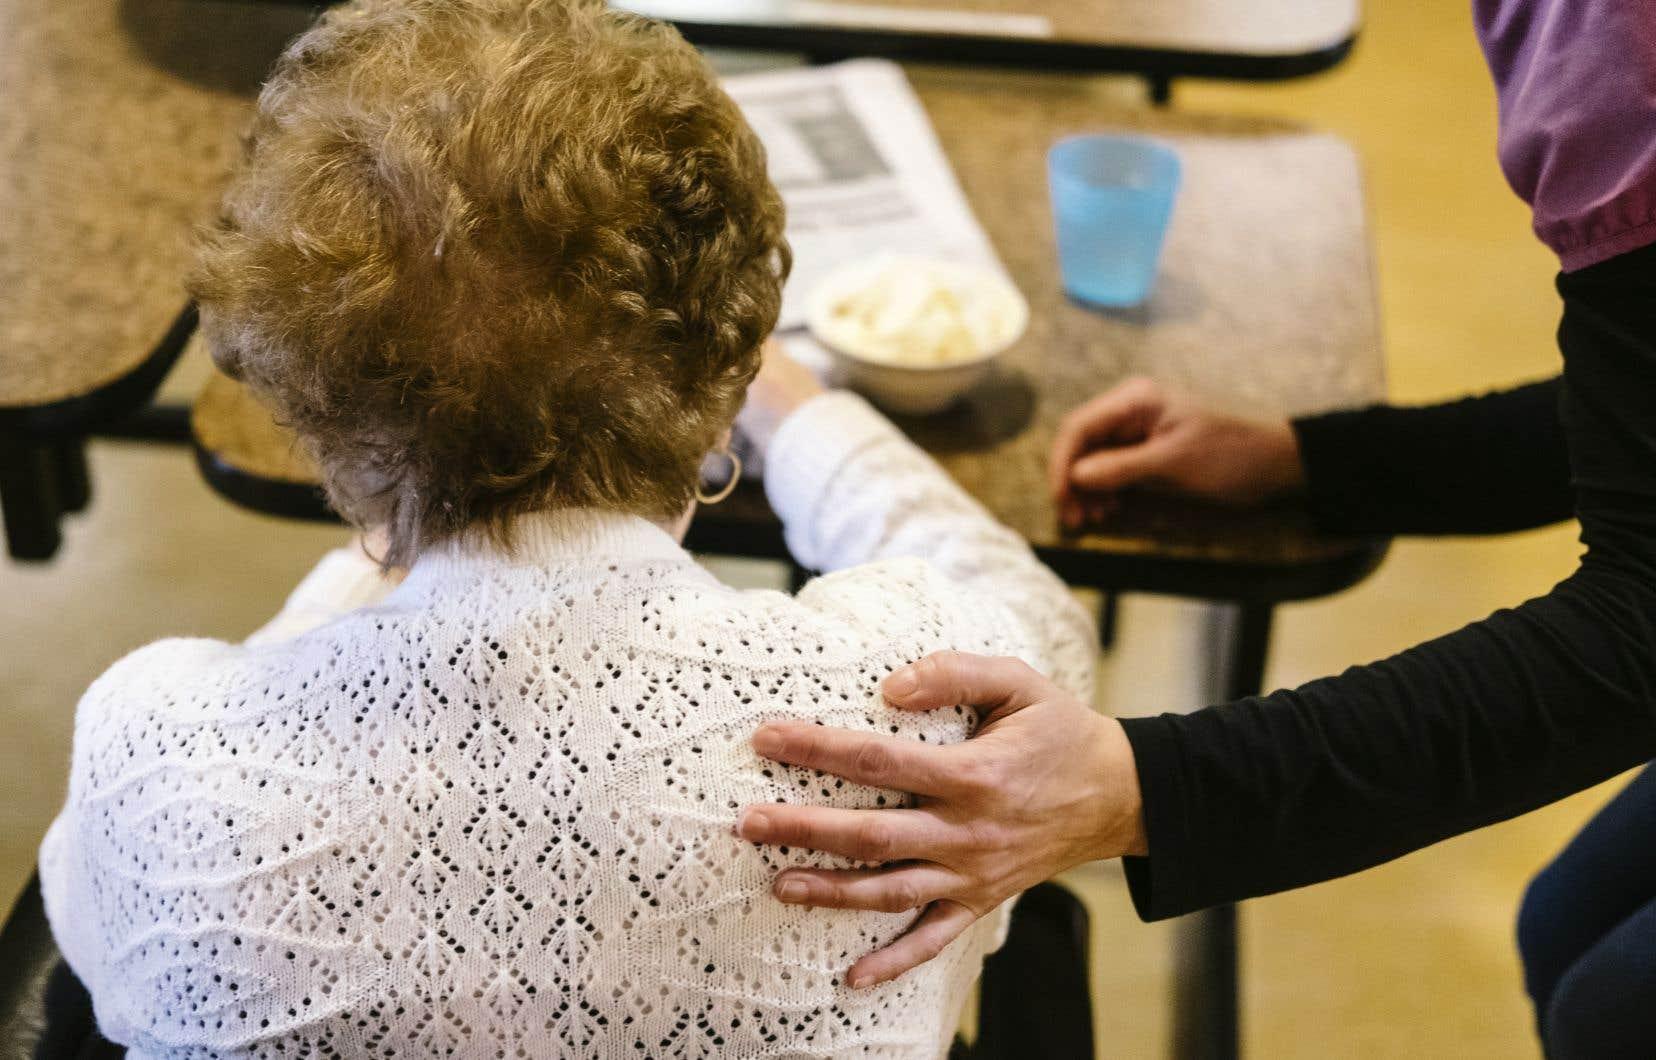 En raison du manque de places en CHSLD, des personnes en perte d'autonomie sont transférées dans des résidences privées pour aînés qui ne sont pas accréditées pour offrir les soins plus soutenus que nécessitent ces résidents.